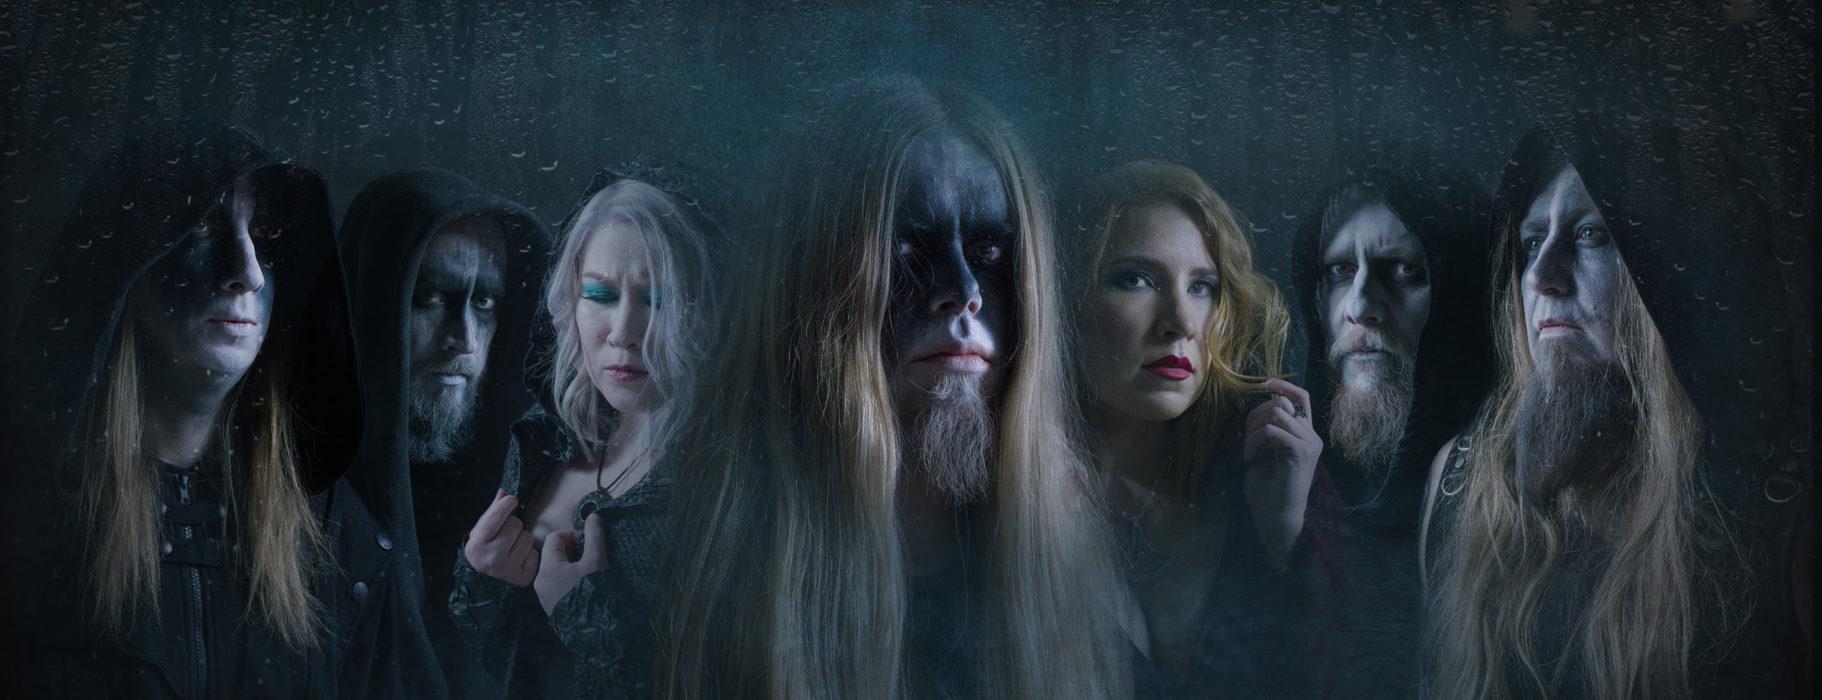 """Lost In Grey julkaisi uuden """"Varjo""""-kappaleen tulevalta levyltään: katso biisin musiikkivideo"""